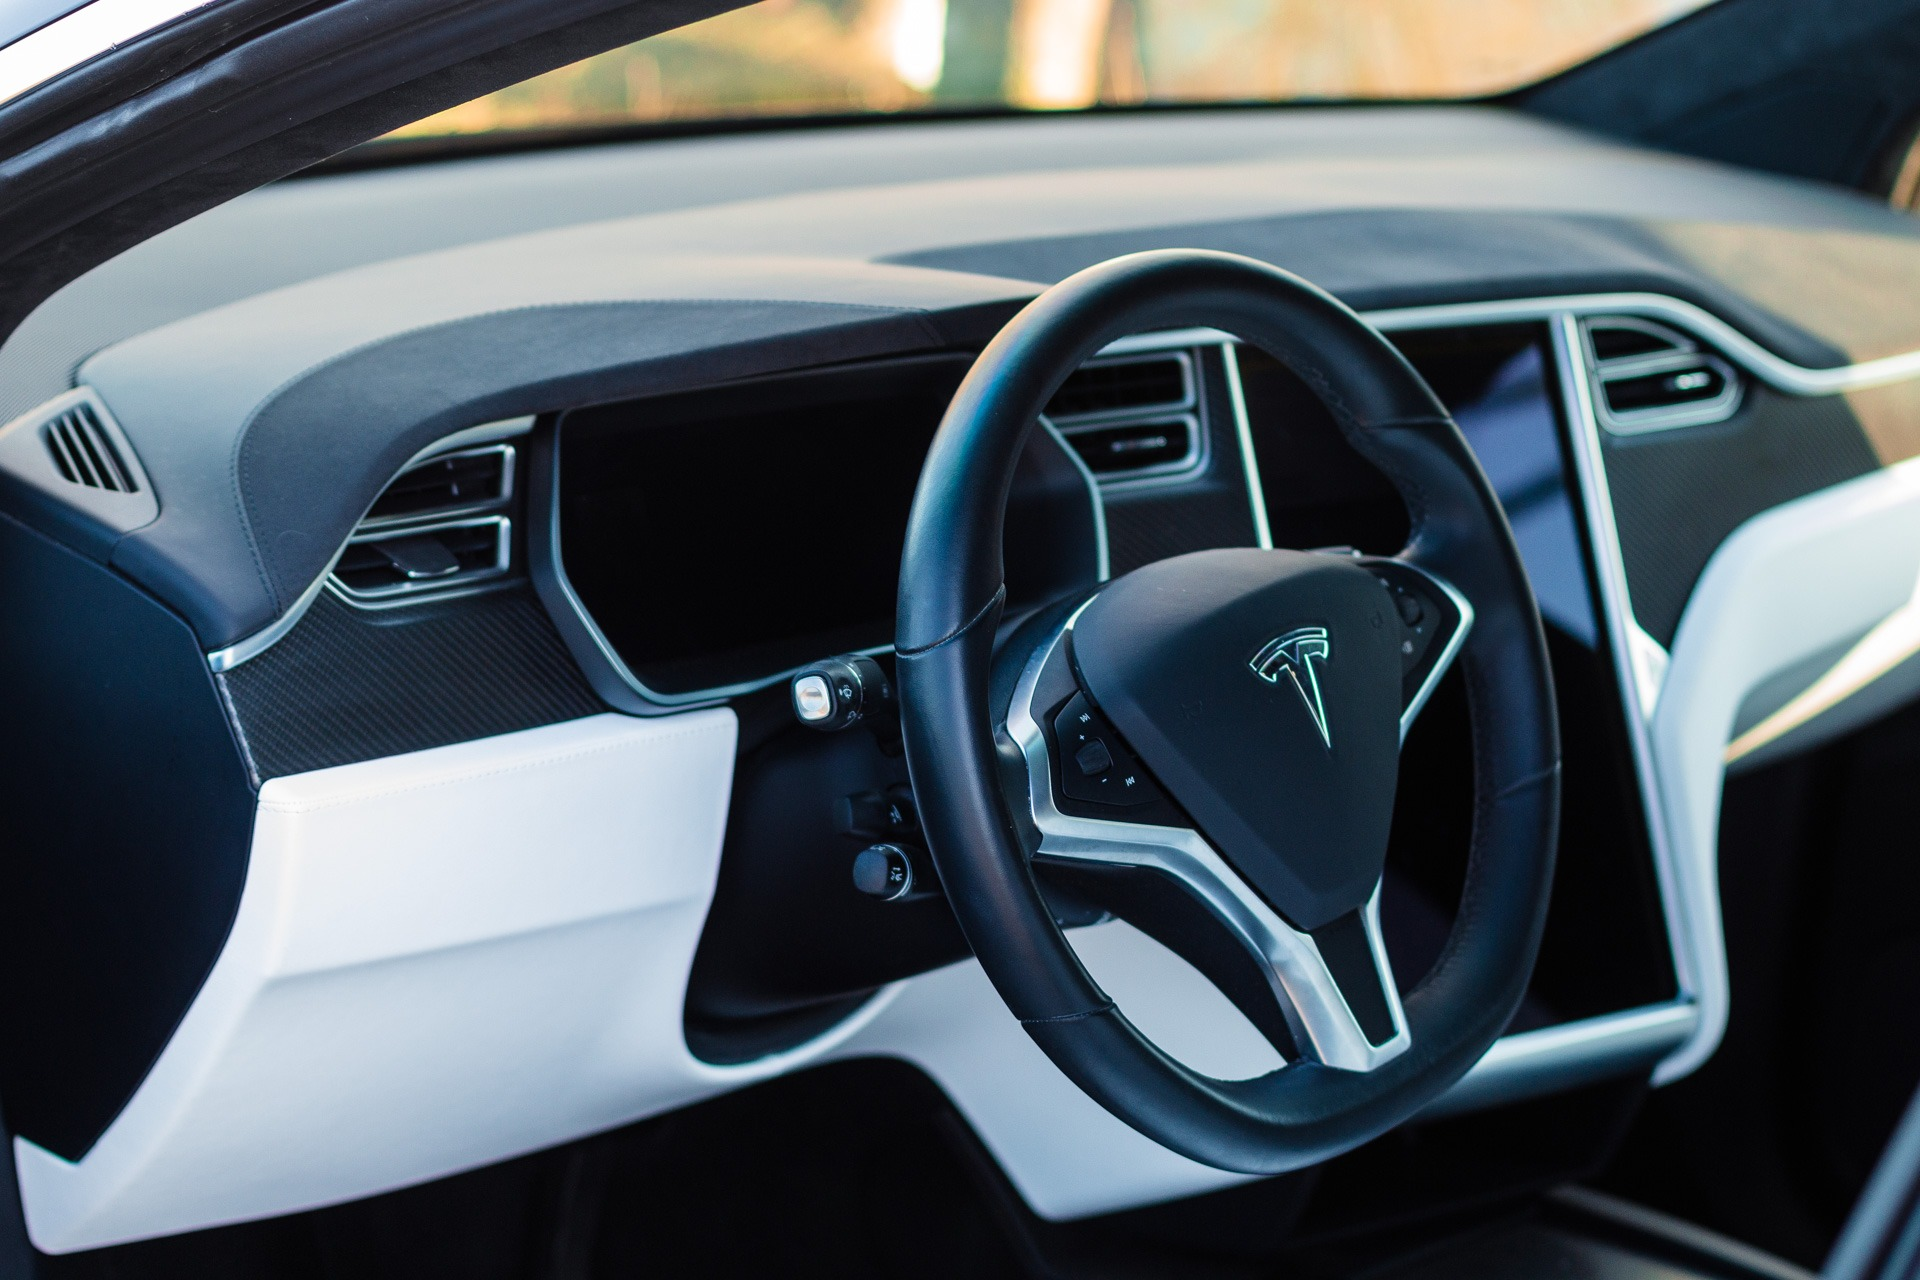 Tesla Model X90D Schwarz Autopilot 2 Slipstream 5 weiße Sitze Kohlefaser Karbon 20 Zoll Slipstream Smart Air Allrad falcon wings kaufen schwarz greenspeed Aachen Deutschland